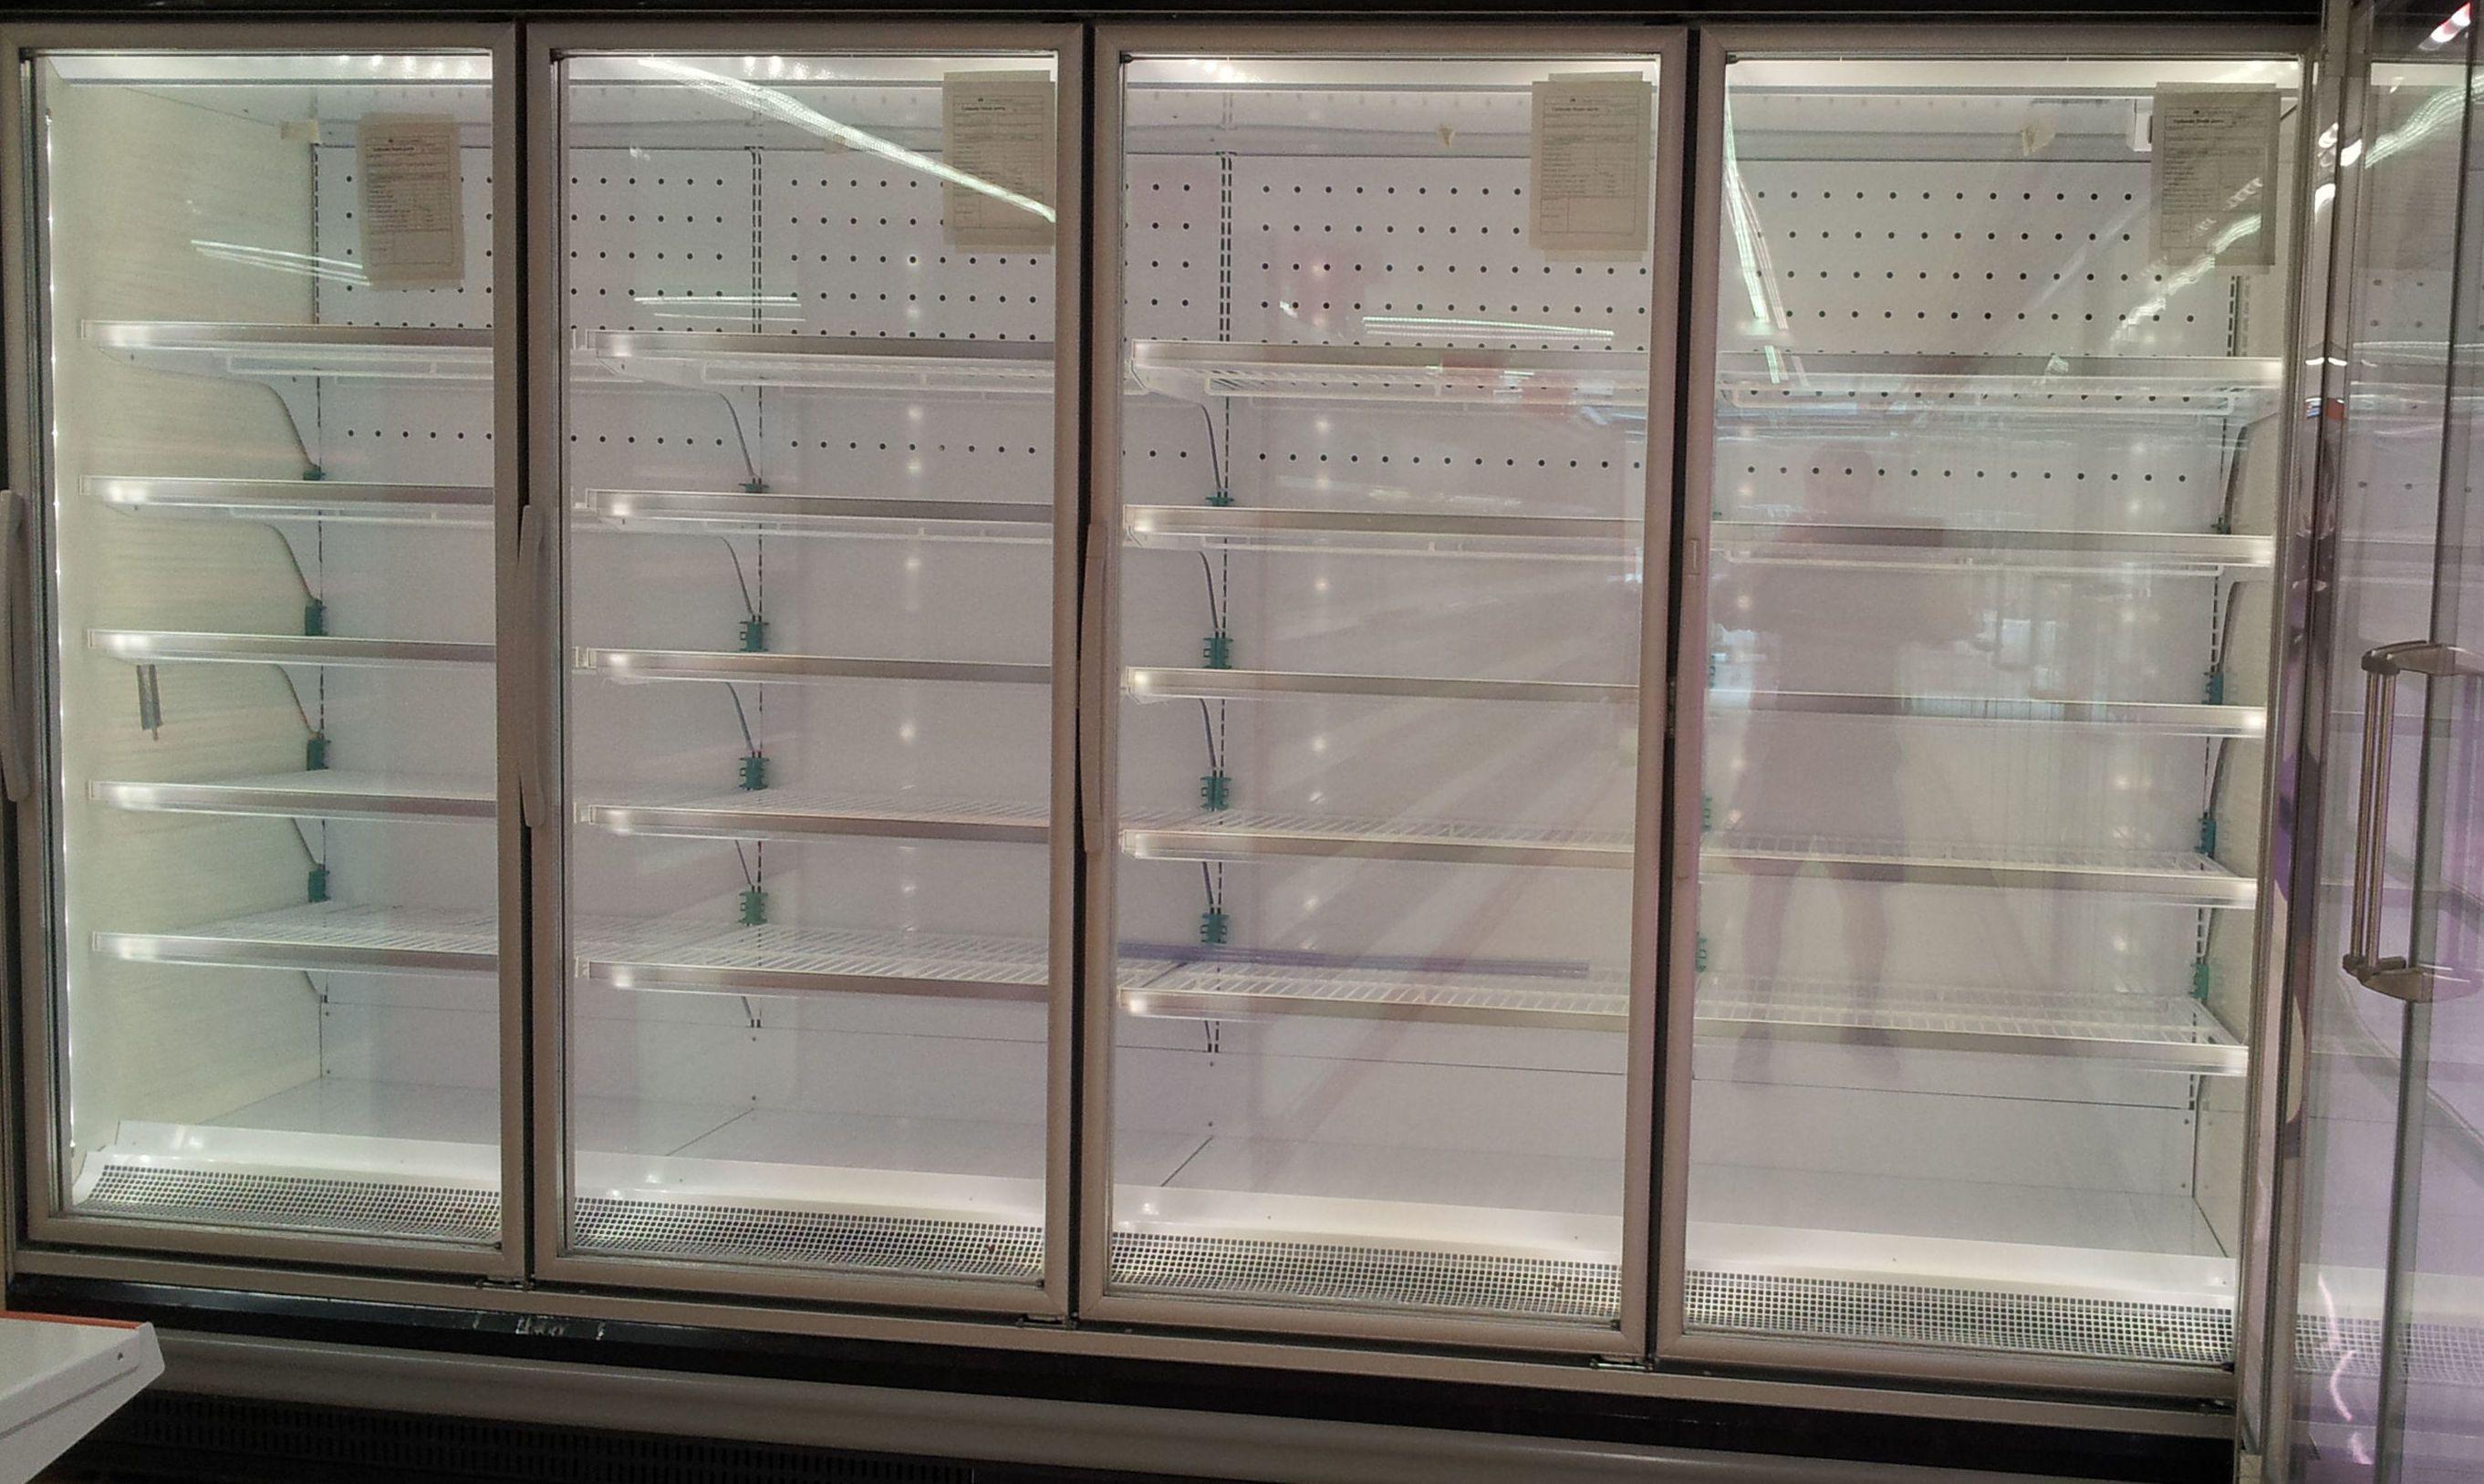 C maras frigor ficas industriales en tarragona reus fred for Mural nuestra carne